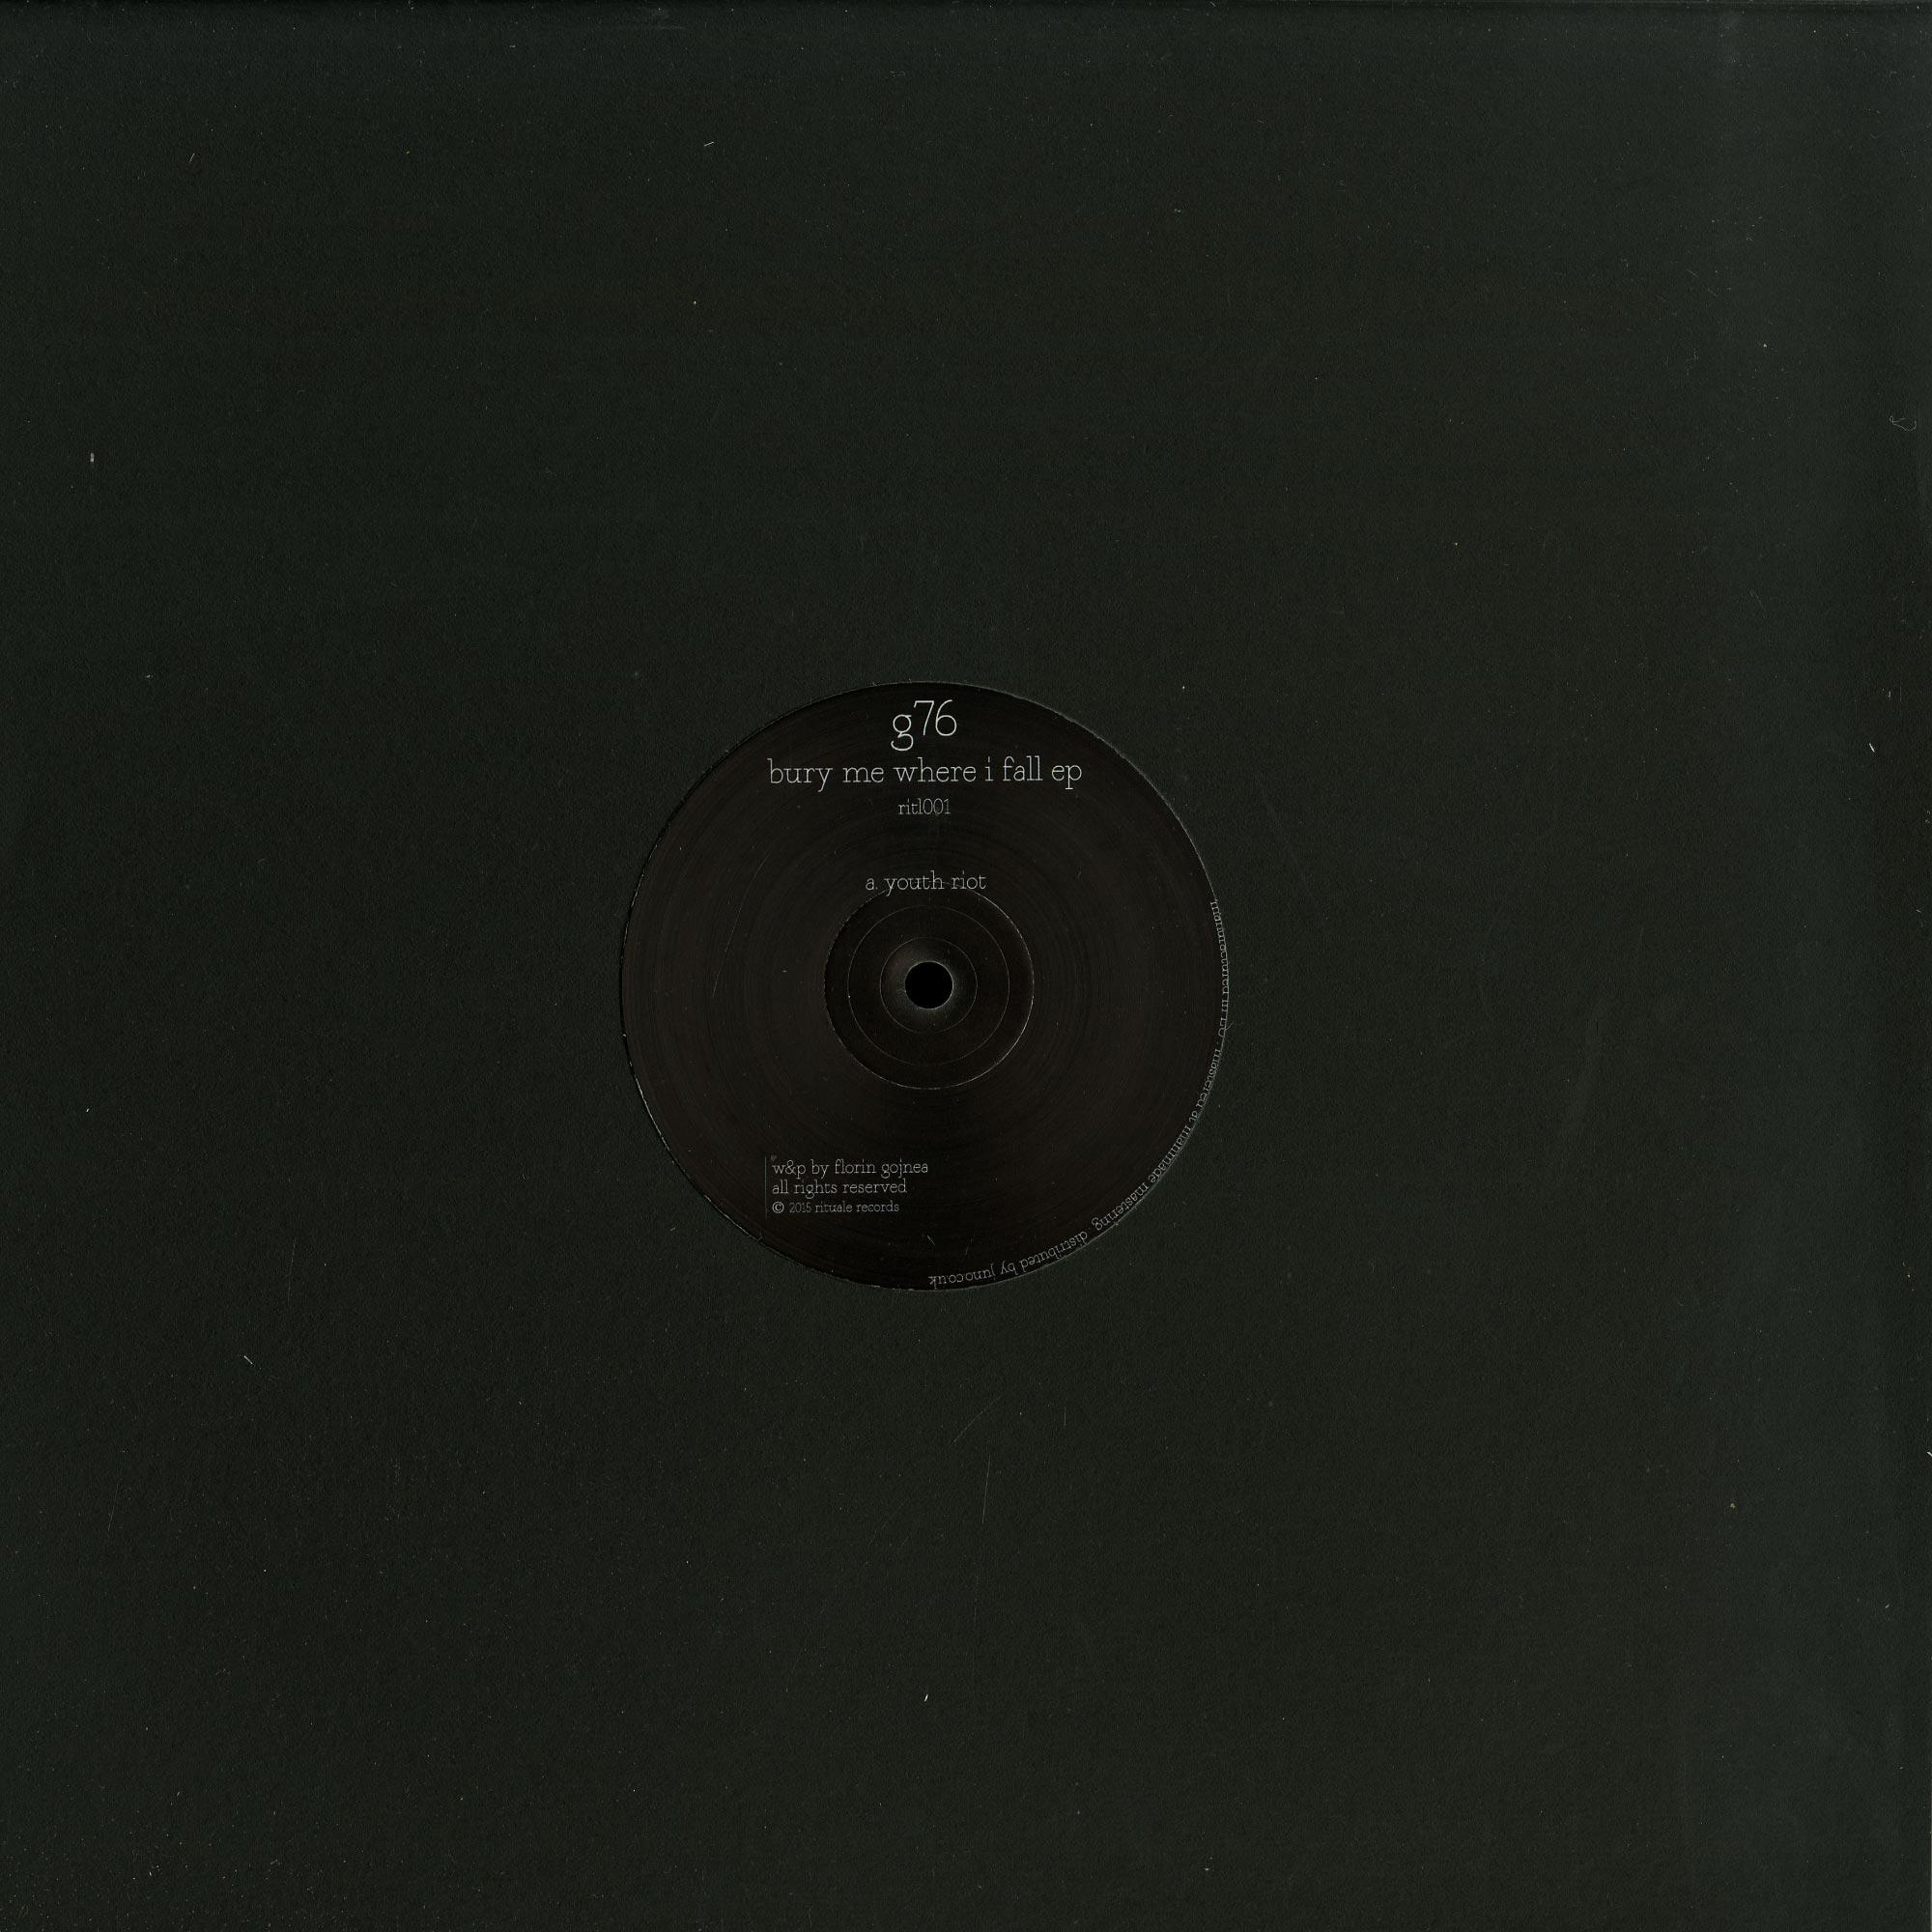 G76 - BURY ME WHERE I FALL EP